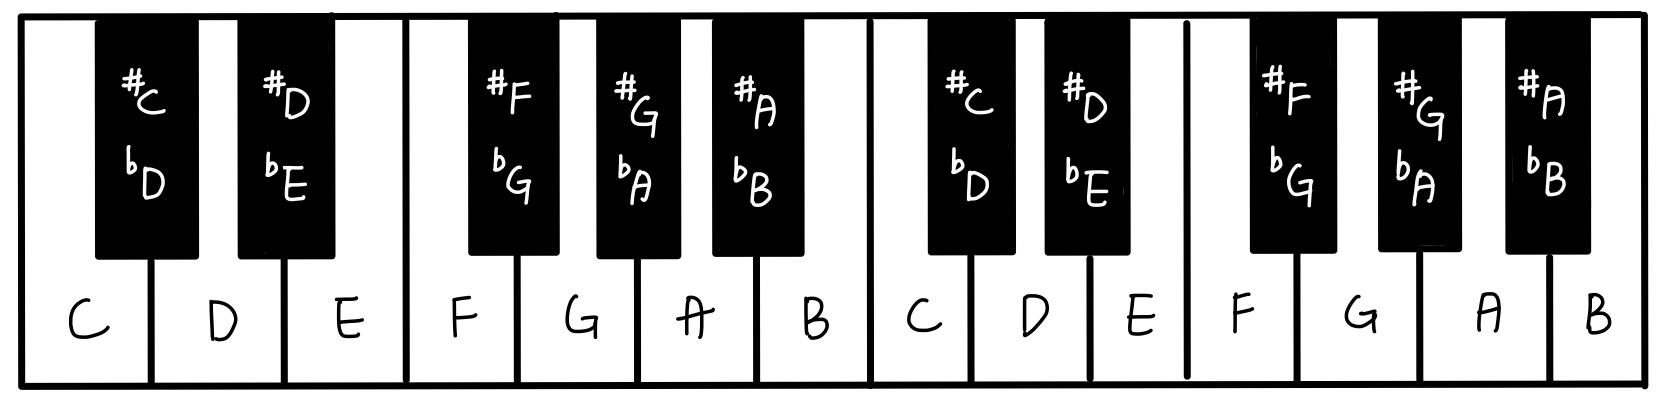 音名在鋼琴上的位置